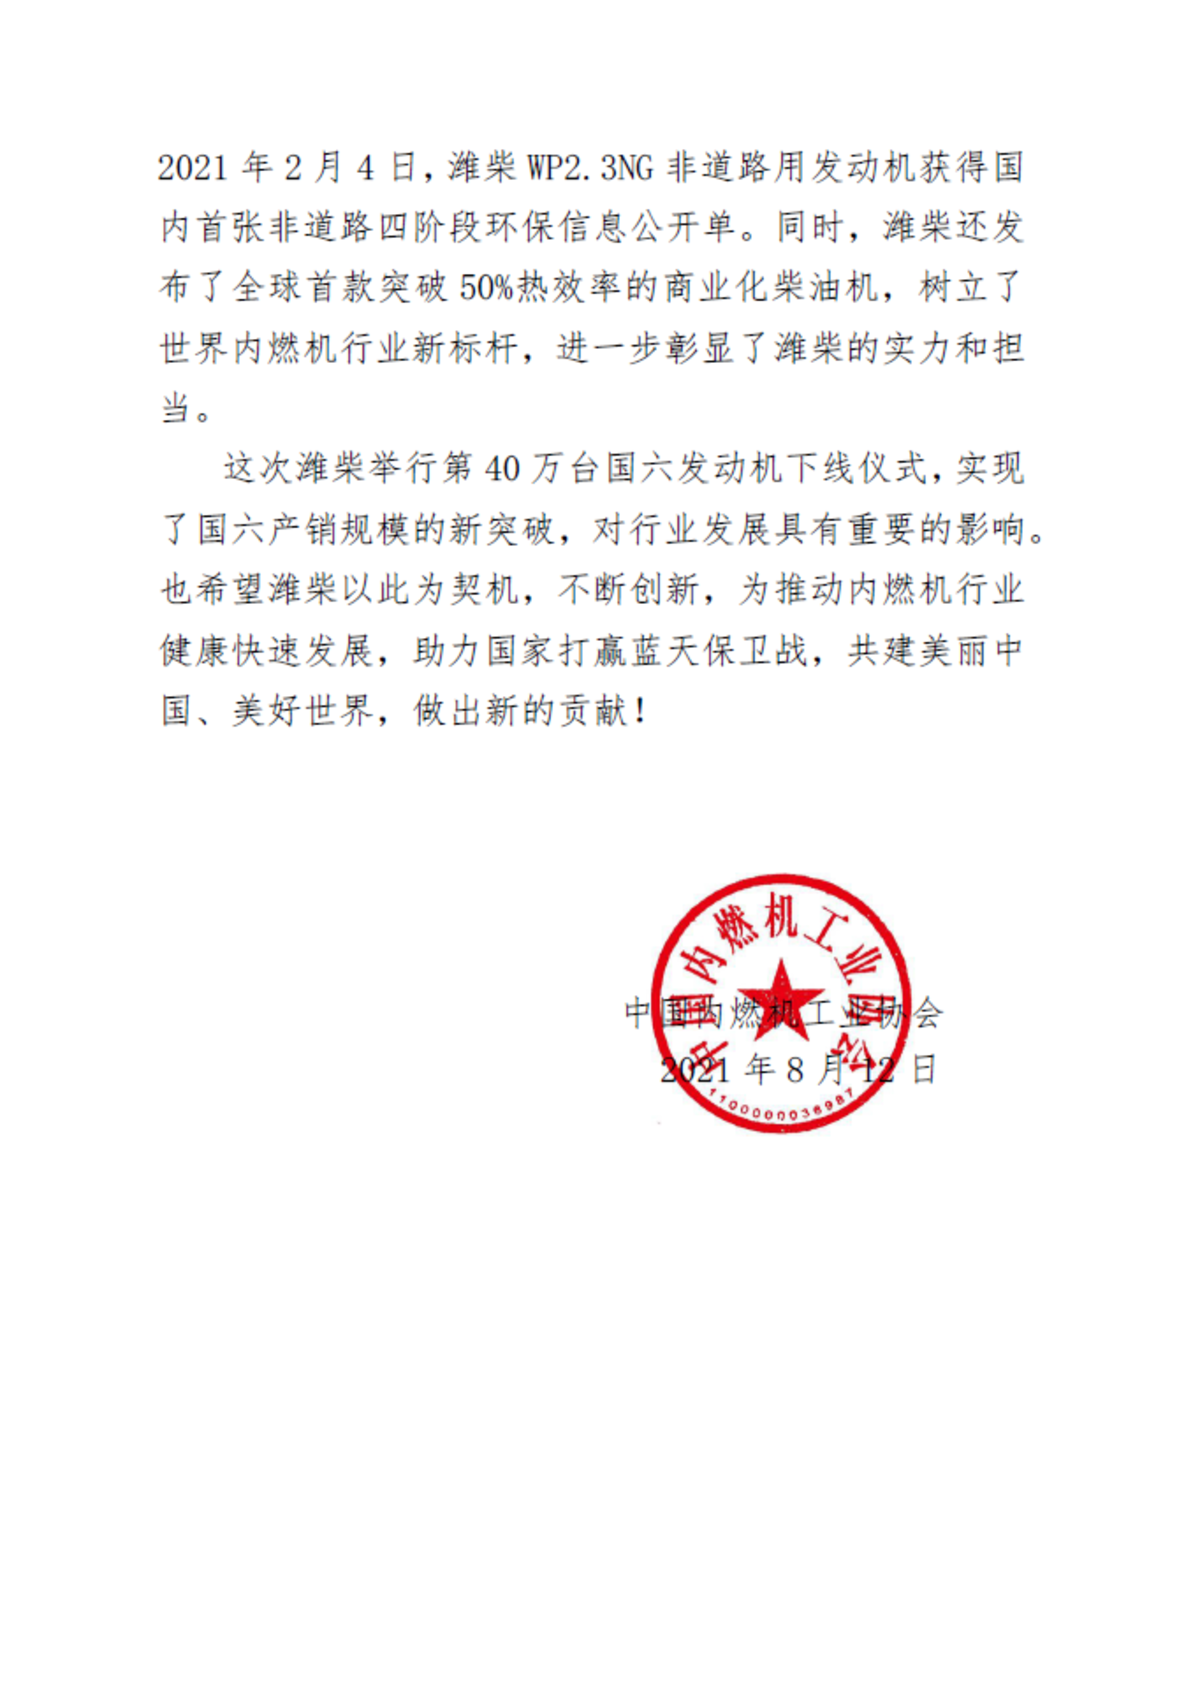 潍柴国六发动机产销突破40万台稳居行业第一